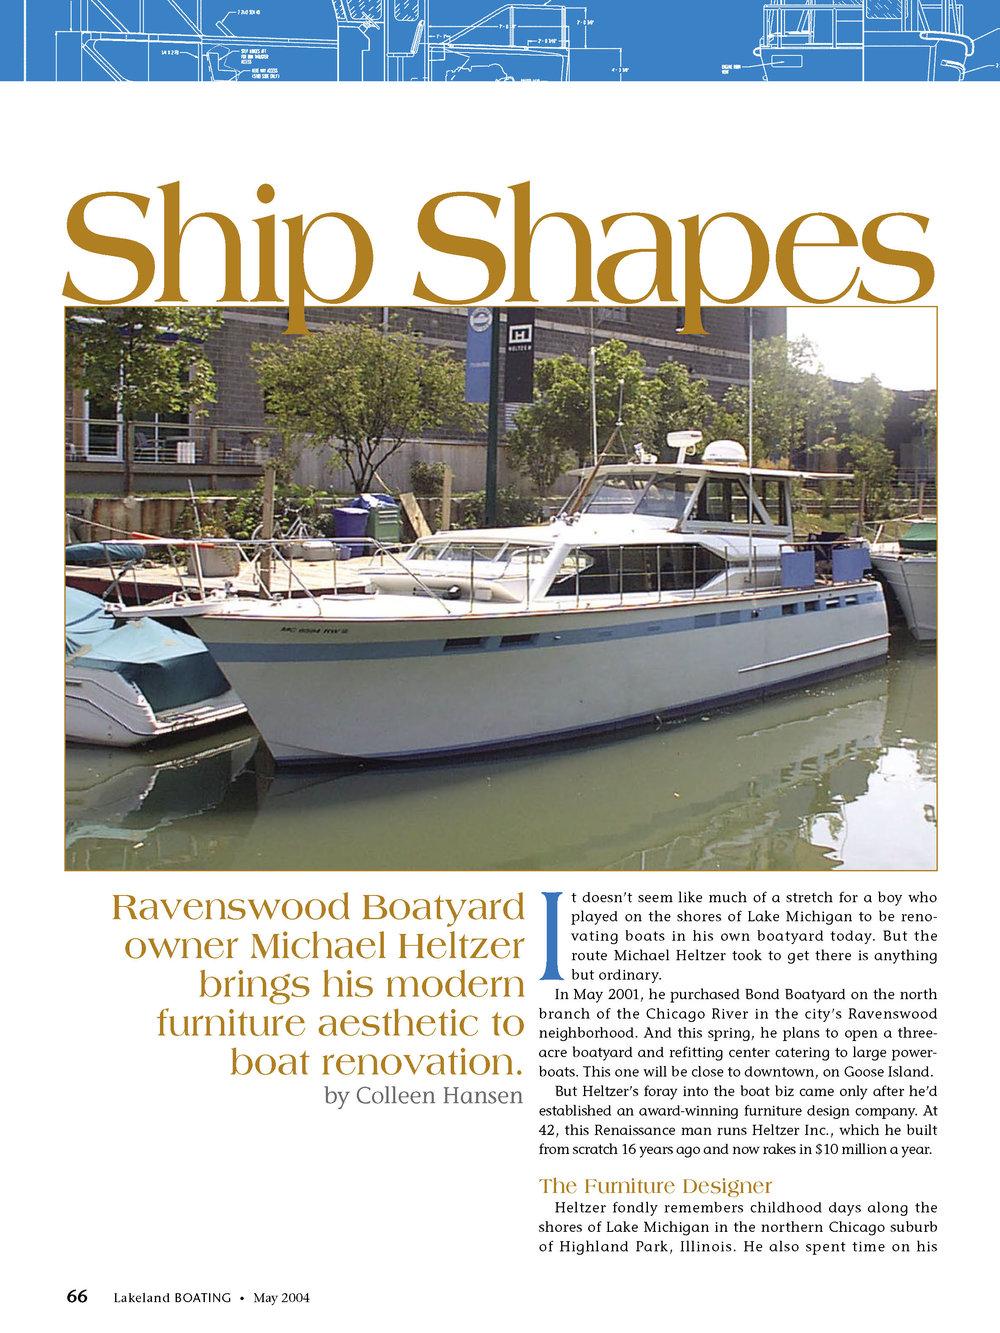 lakelandboating_heltzer0504_Page_1.jpg